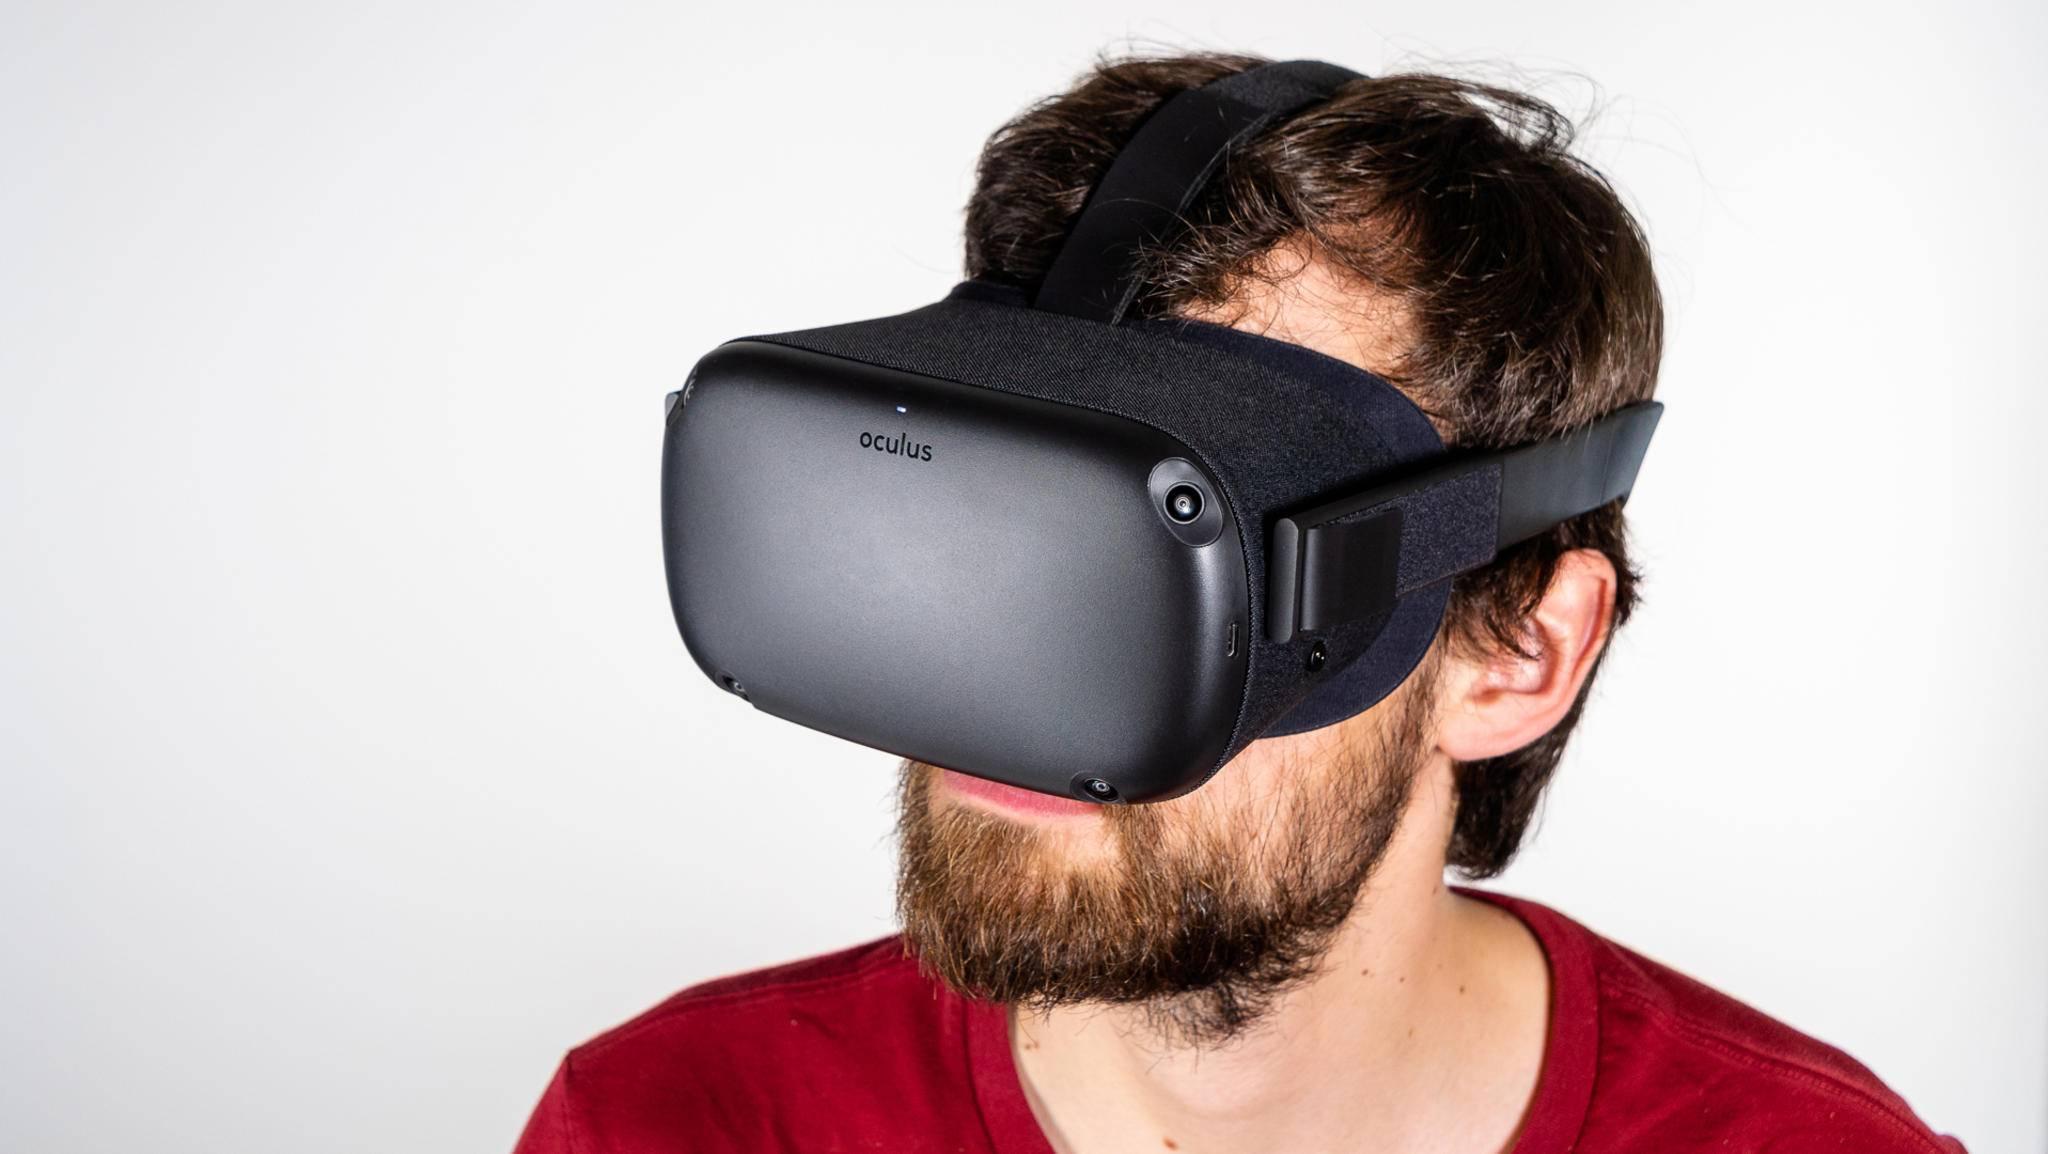 Die Oculus Quest bietet VR-Gaming ohne Kabel.